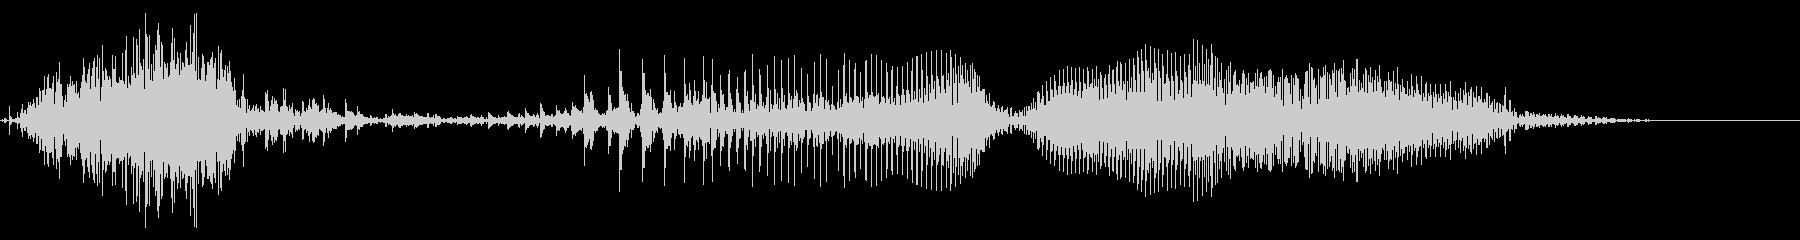 ちぇりあぁ!!(攻撃・掛け声)の未再生の波形